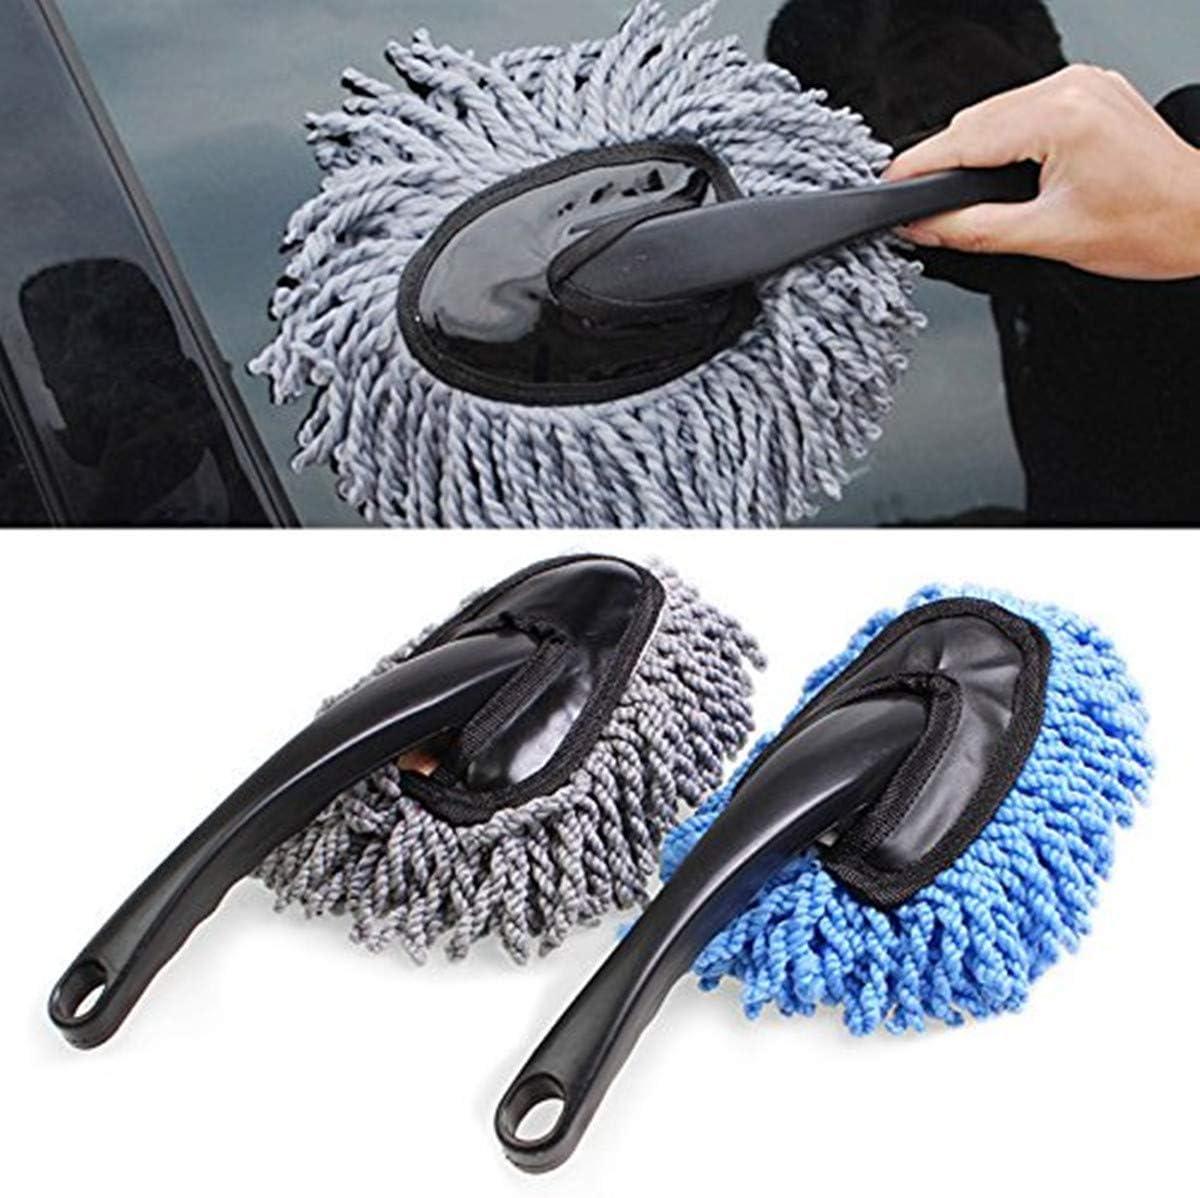 Gris R SODIAL Plumero de limpieza de polvo a distancia de coche con empunadura